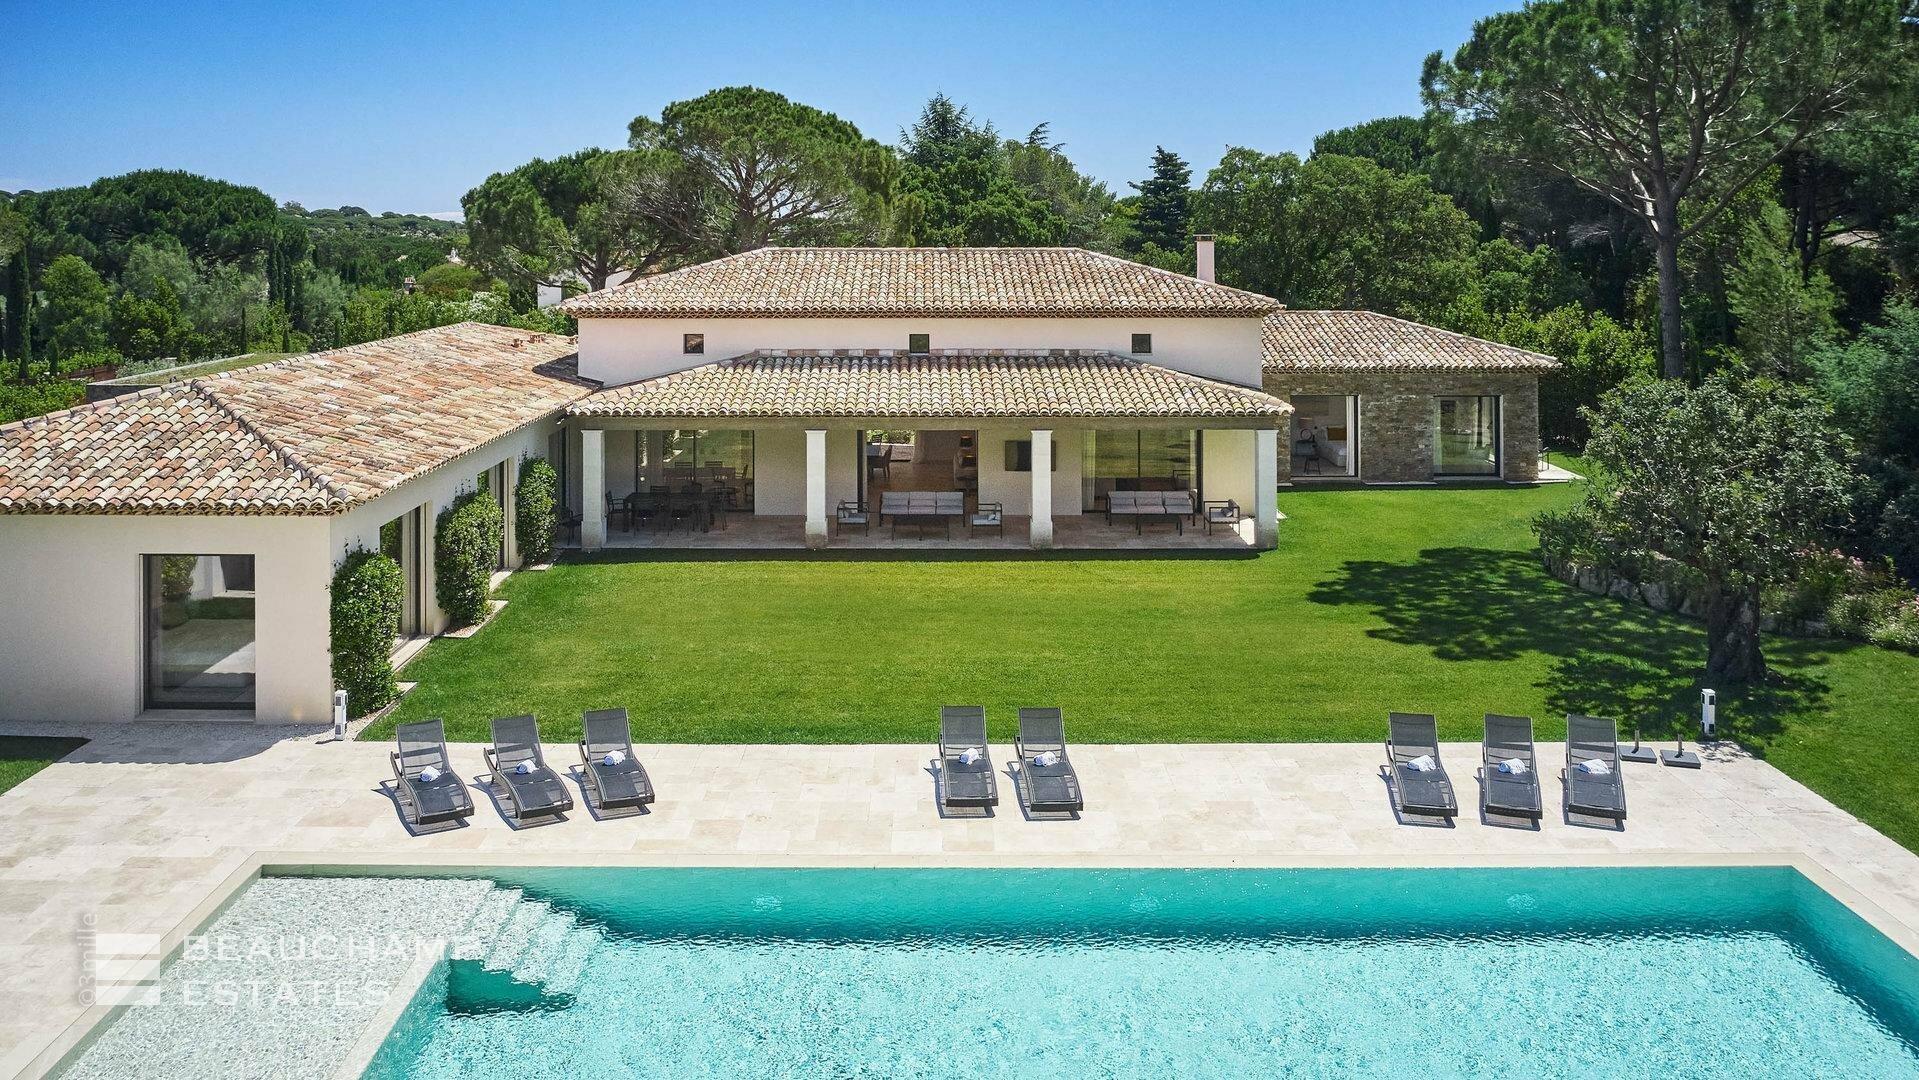 Villa in Saint-Tropez, Provence-Alpes-Côte d'Azur, France 1 - 11193331